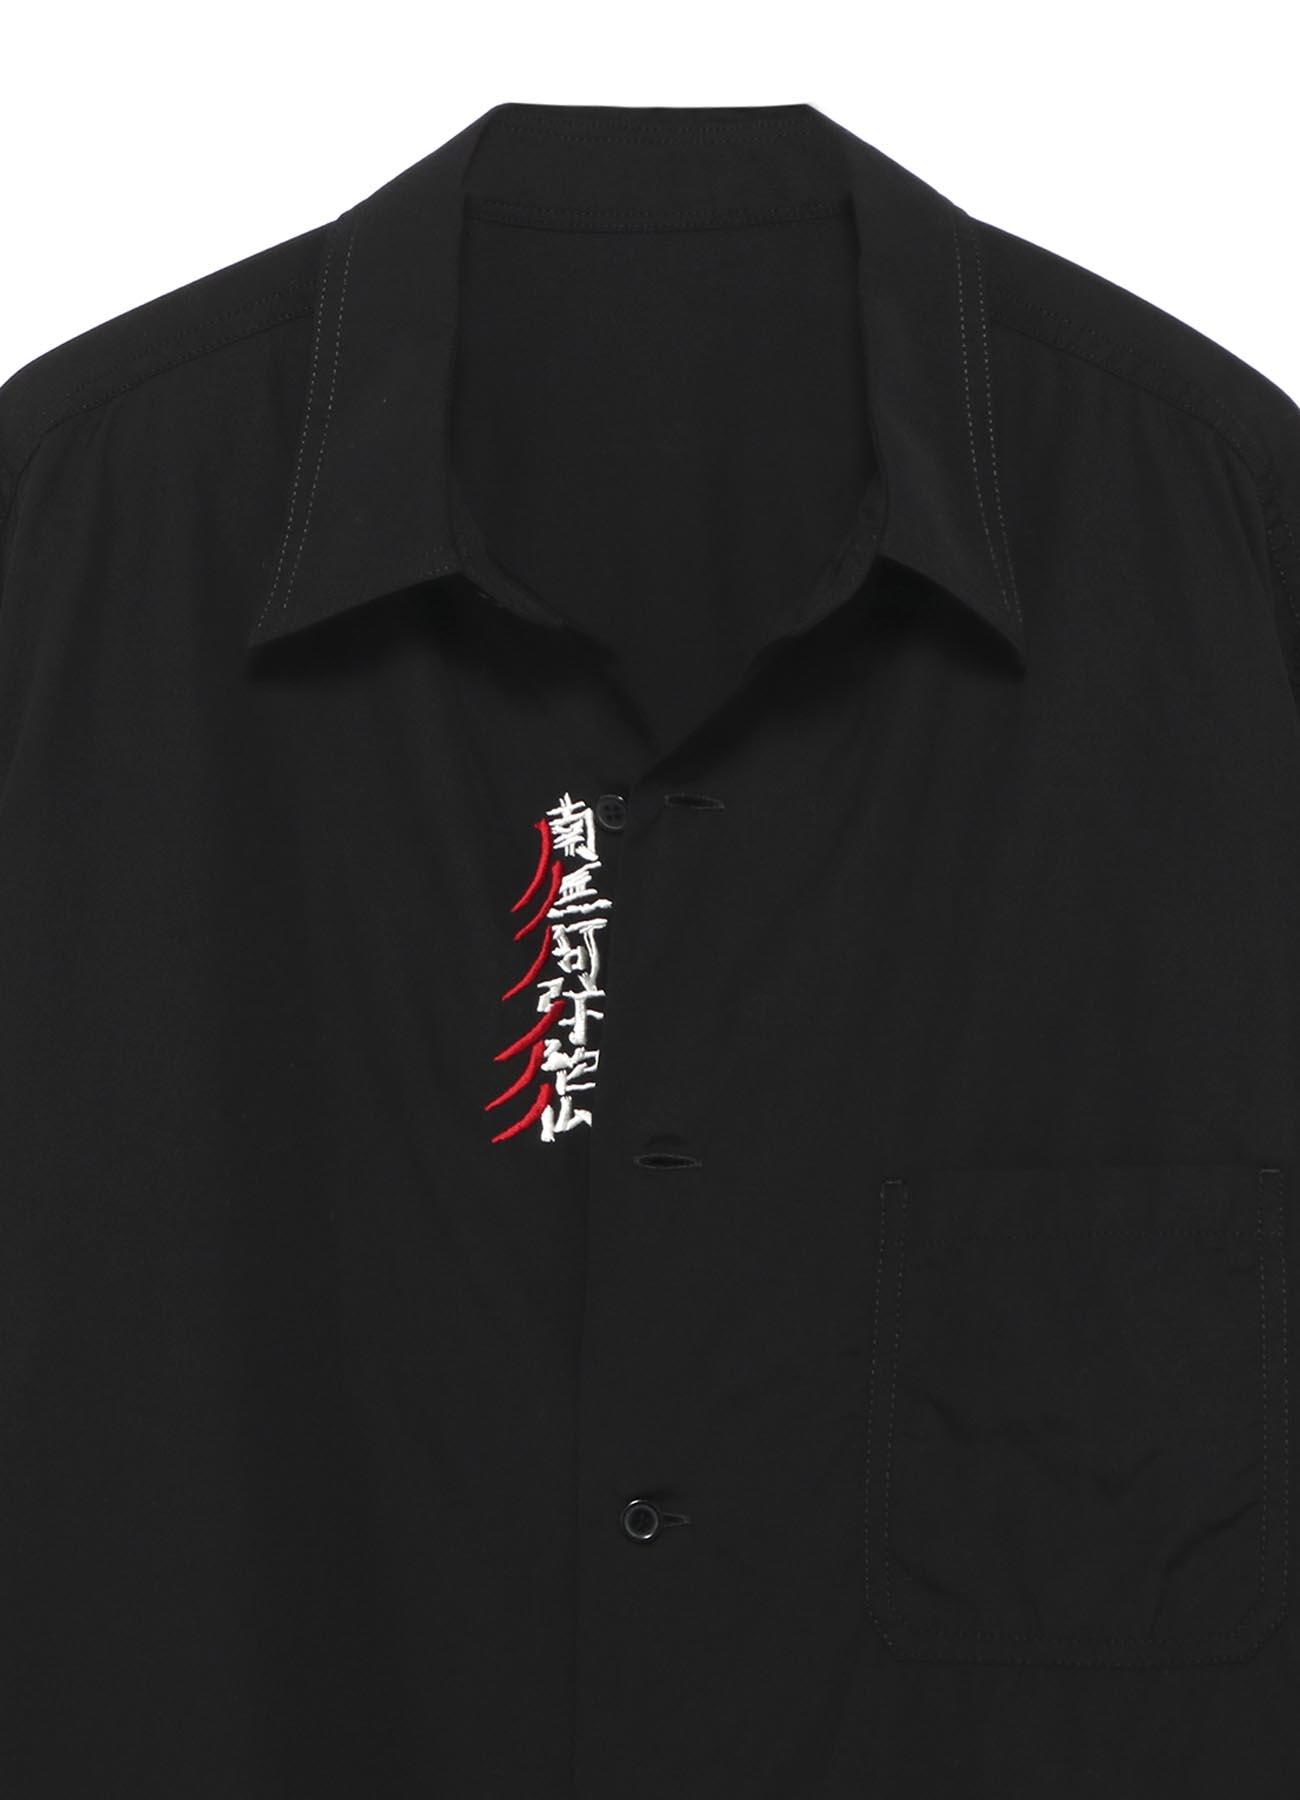 B Yohji Yamamoto shirt/南無阿弥陀仏刺繍